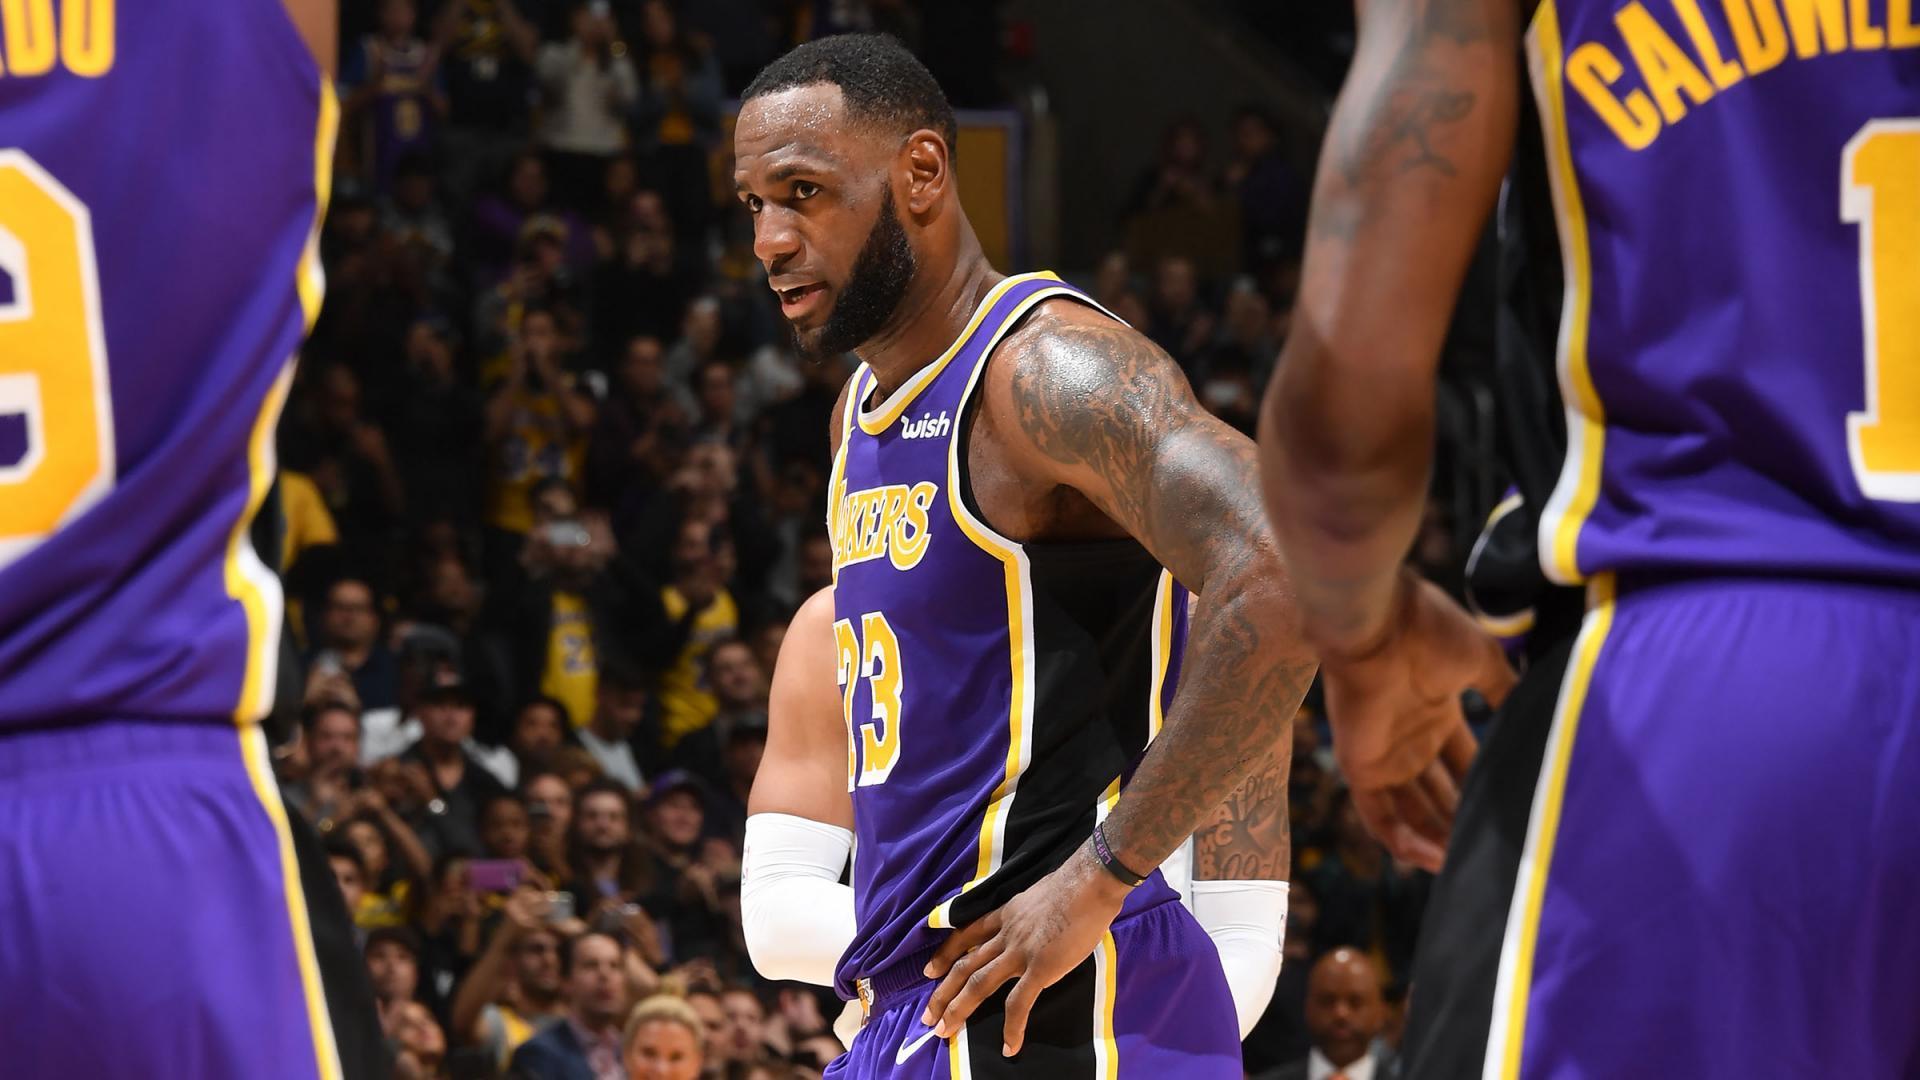 LeBron passes Jordan for 4th in career scoring